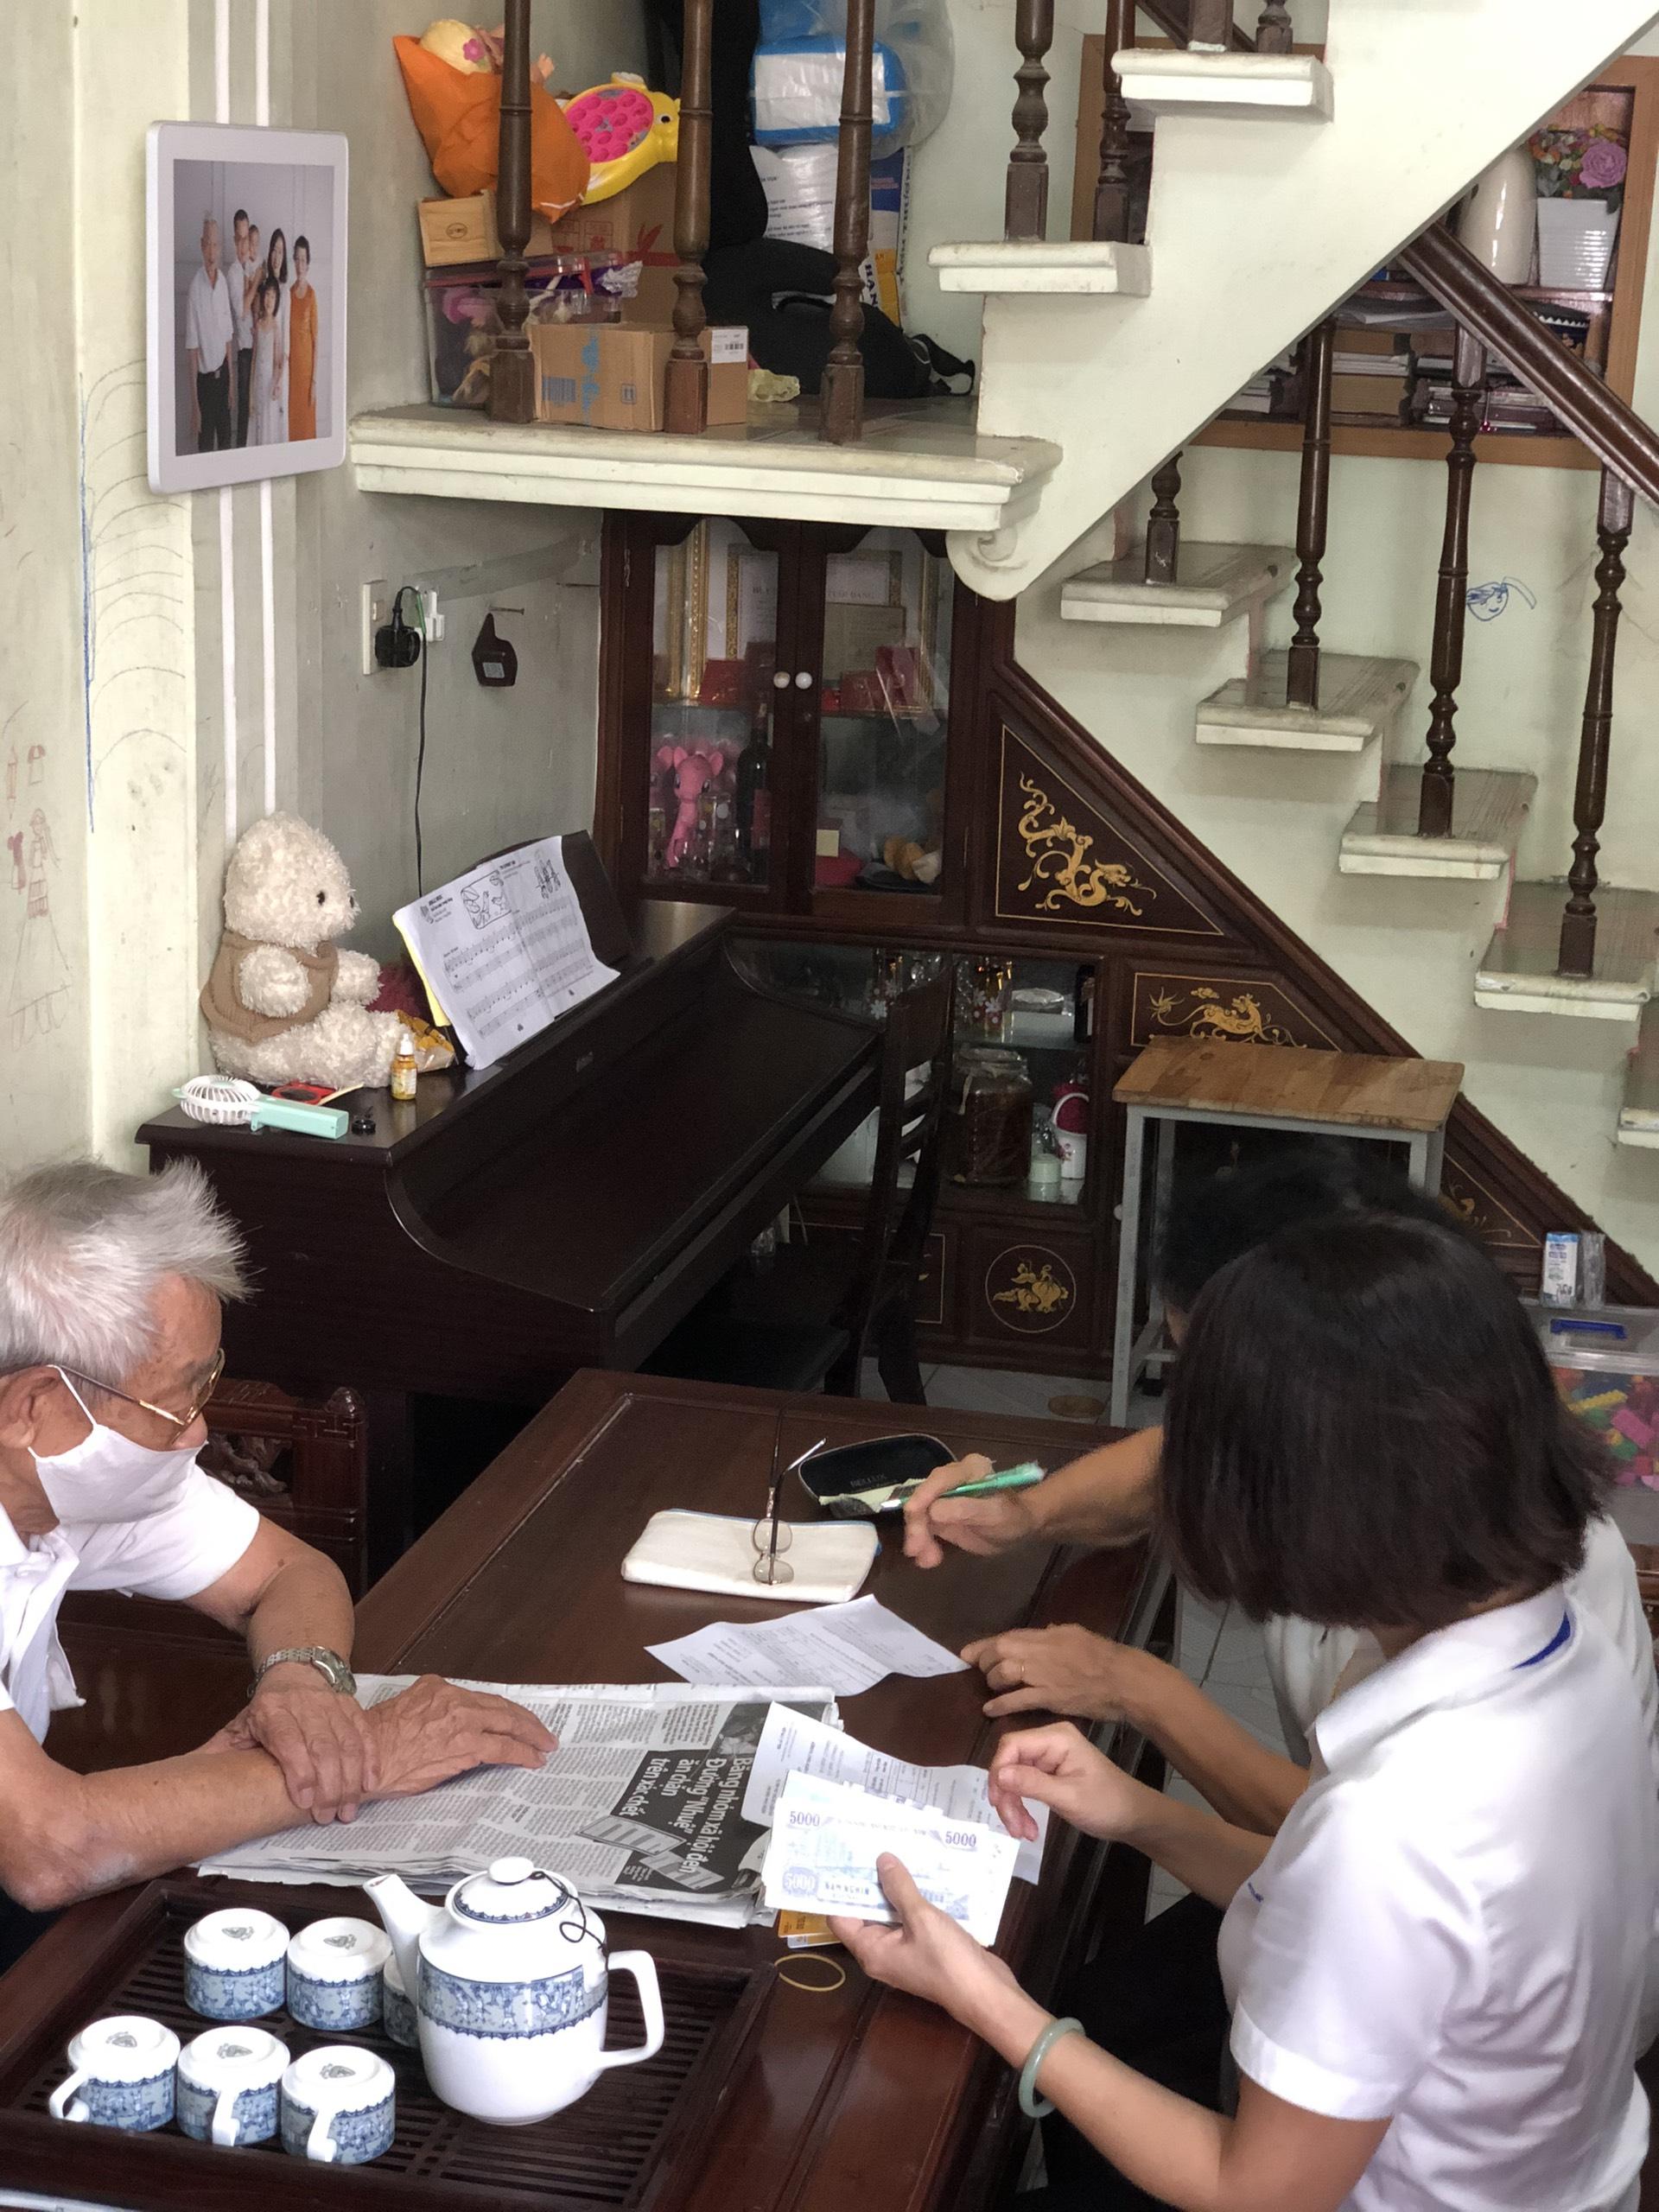 Bưu điện tỉnh Thừa Thiên Huế triển khai chi trả lương hưu, trợ cấp Bảo hiểm xã hội tháng 4 và 5 tại nhà của người hưởng